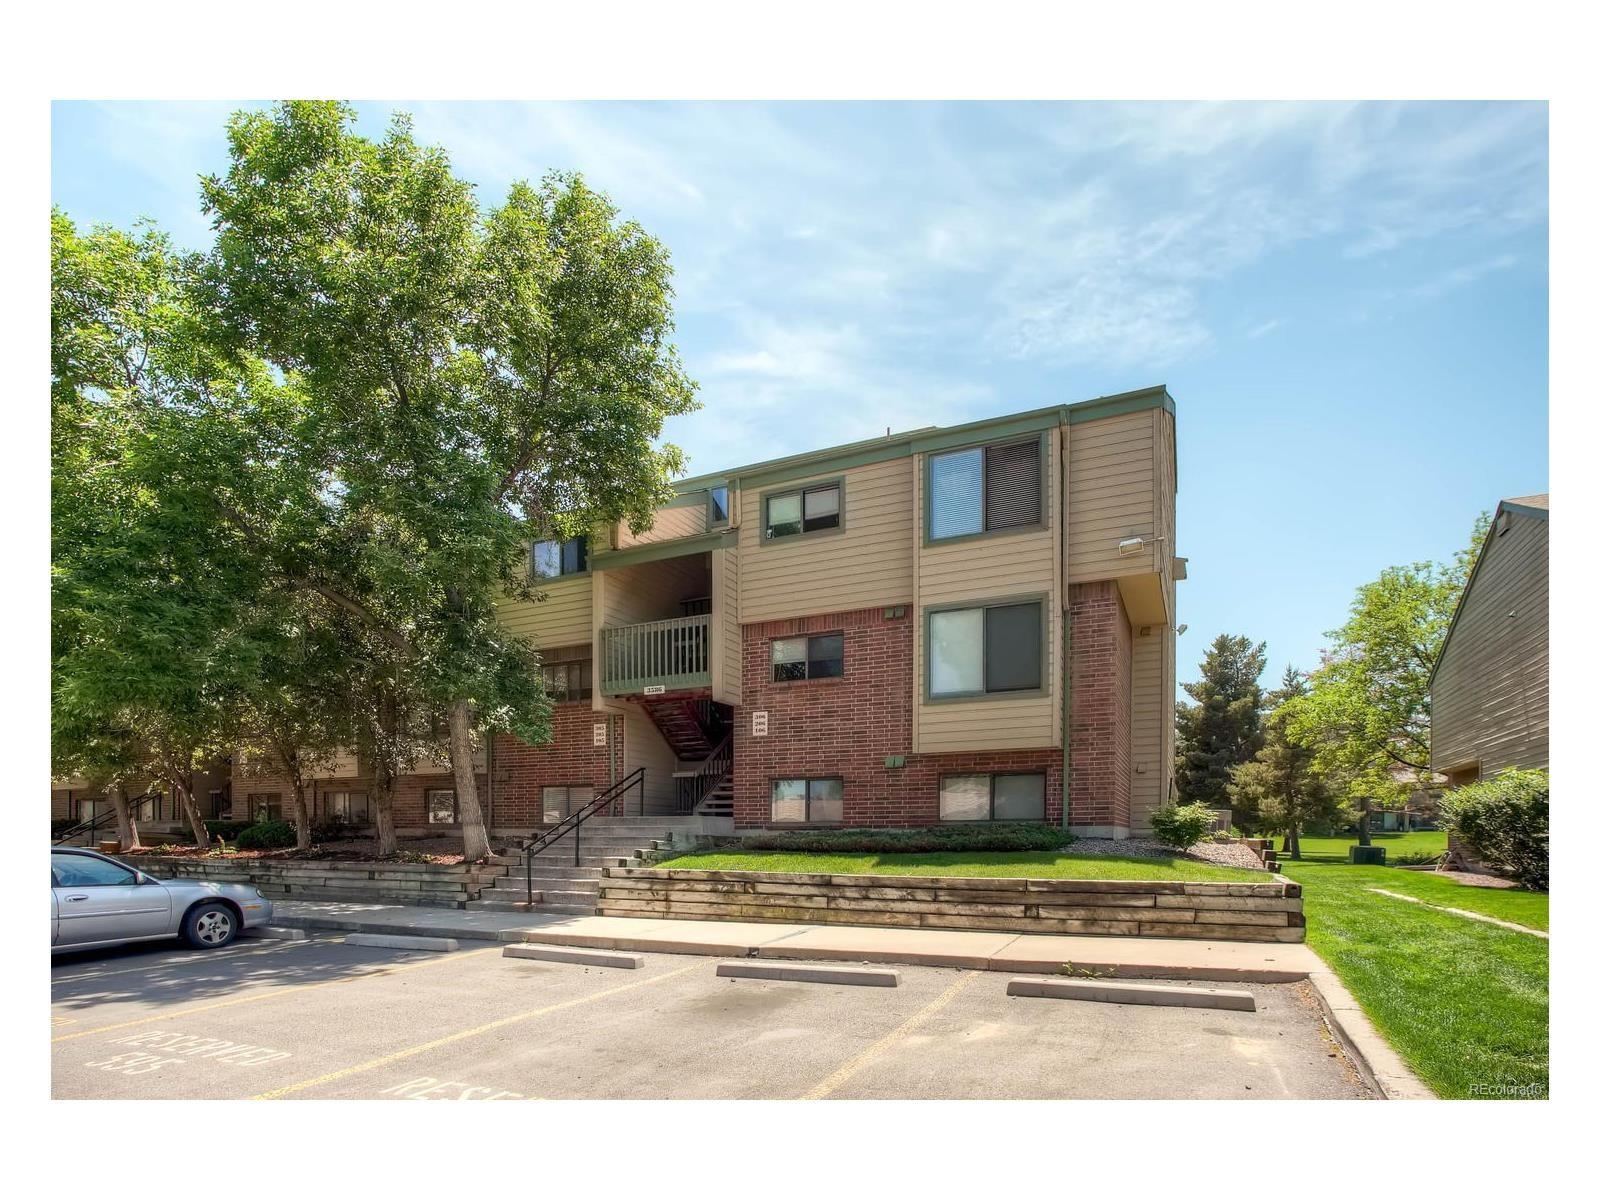 MLS# 2464845 - 1 - 3586  S Depew Street, Lakewood, CO 80235